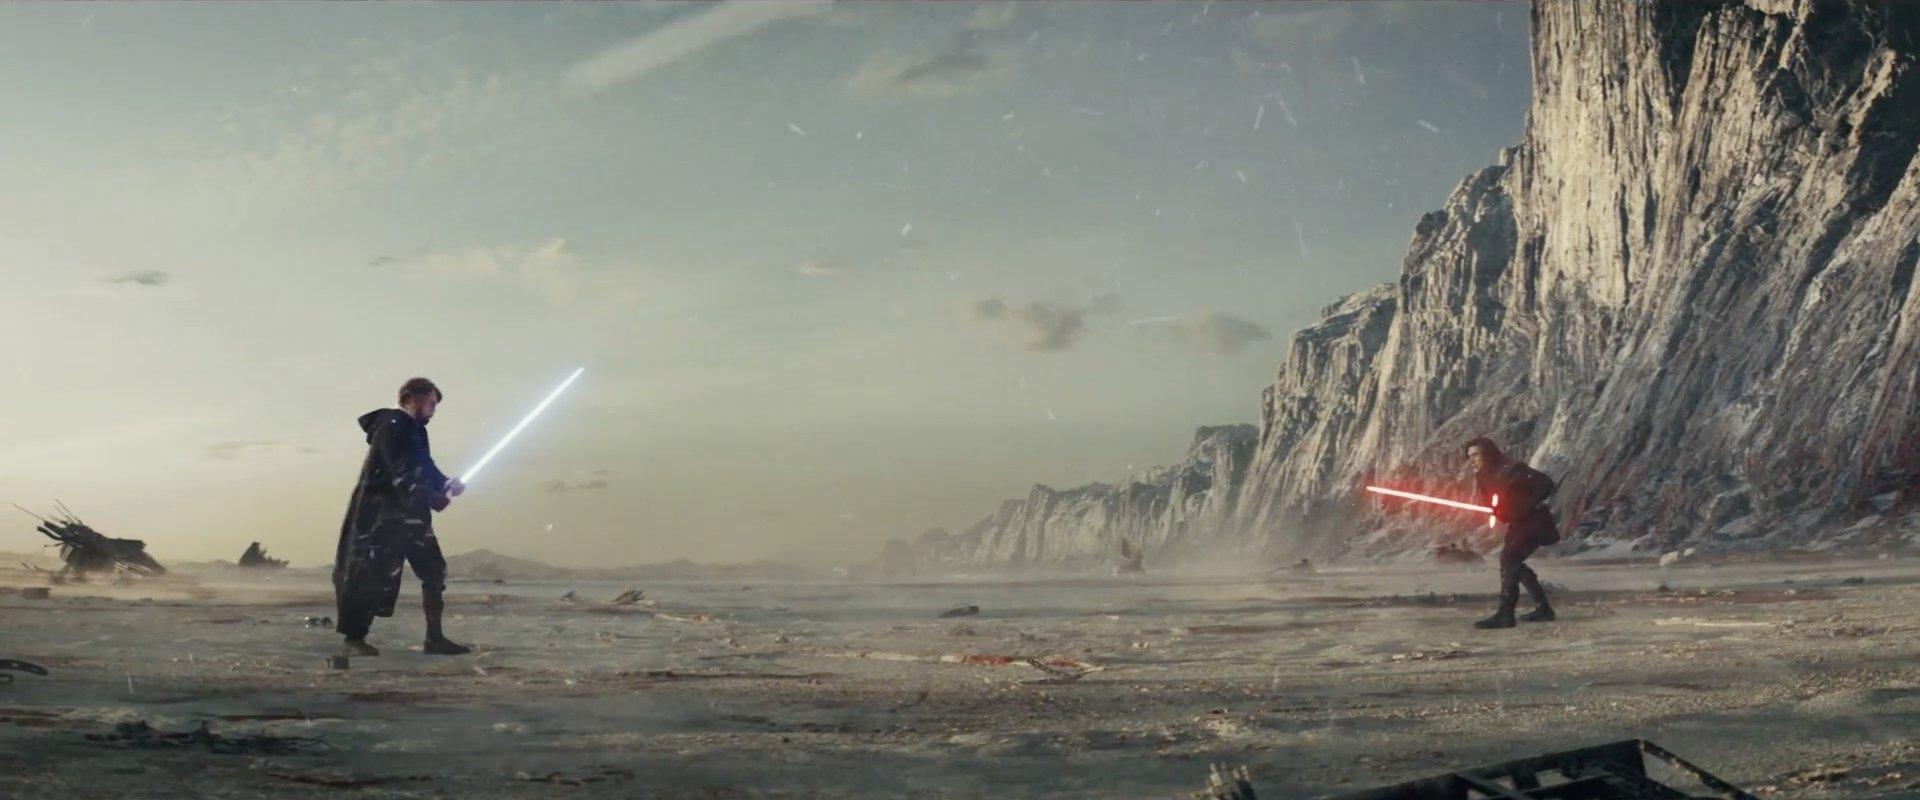 Luke Skywalker kontra Kylo Ren